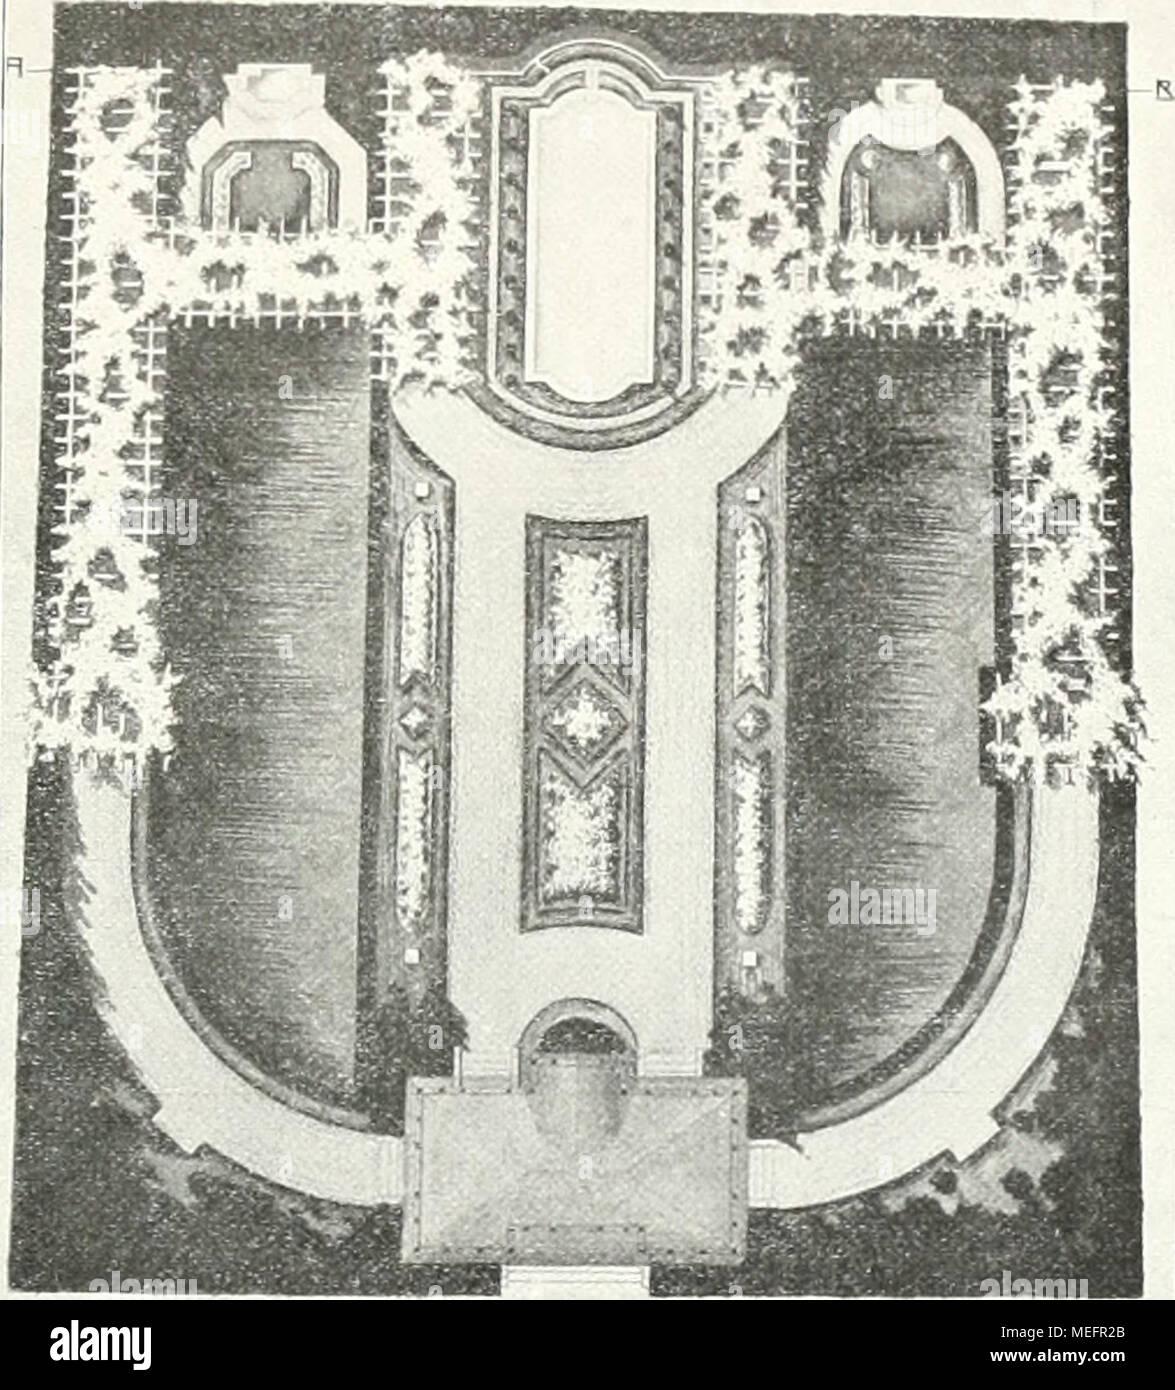 """. Die Gartenkunst . iflUSSTE-LLUNßSQFIRTEN-FR. SRRHE Dflm""""ENRRCniTEnT MflNNhEIM Ijageplan des Sondergarteus von Fr. Brahe auf der Mannheimer Gartenbauausstellung. gesuchter Weise die Formensprache der Modernsten nach- geahmt ist. Weshalb Brahe den Garten einen.,Römischen""""ge- nannt hat, ist mir nicht verständlich geworden — riimischo Anklänge habe ich nicht gefunden. Aber es braucht doch auch einer Sache, die an sich gut ist, nicht erst durch '^ """"Motive"""" u. dgl. Bedeutung beigelegt zu werden? .2: Der eigentliche Zugang zum Garten wurde durch ein (X> Gartenhaus (Seite 237) gebi Stock Photo"""